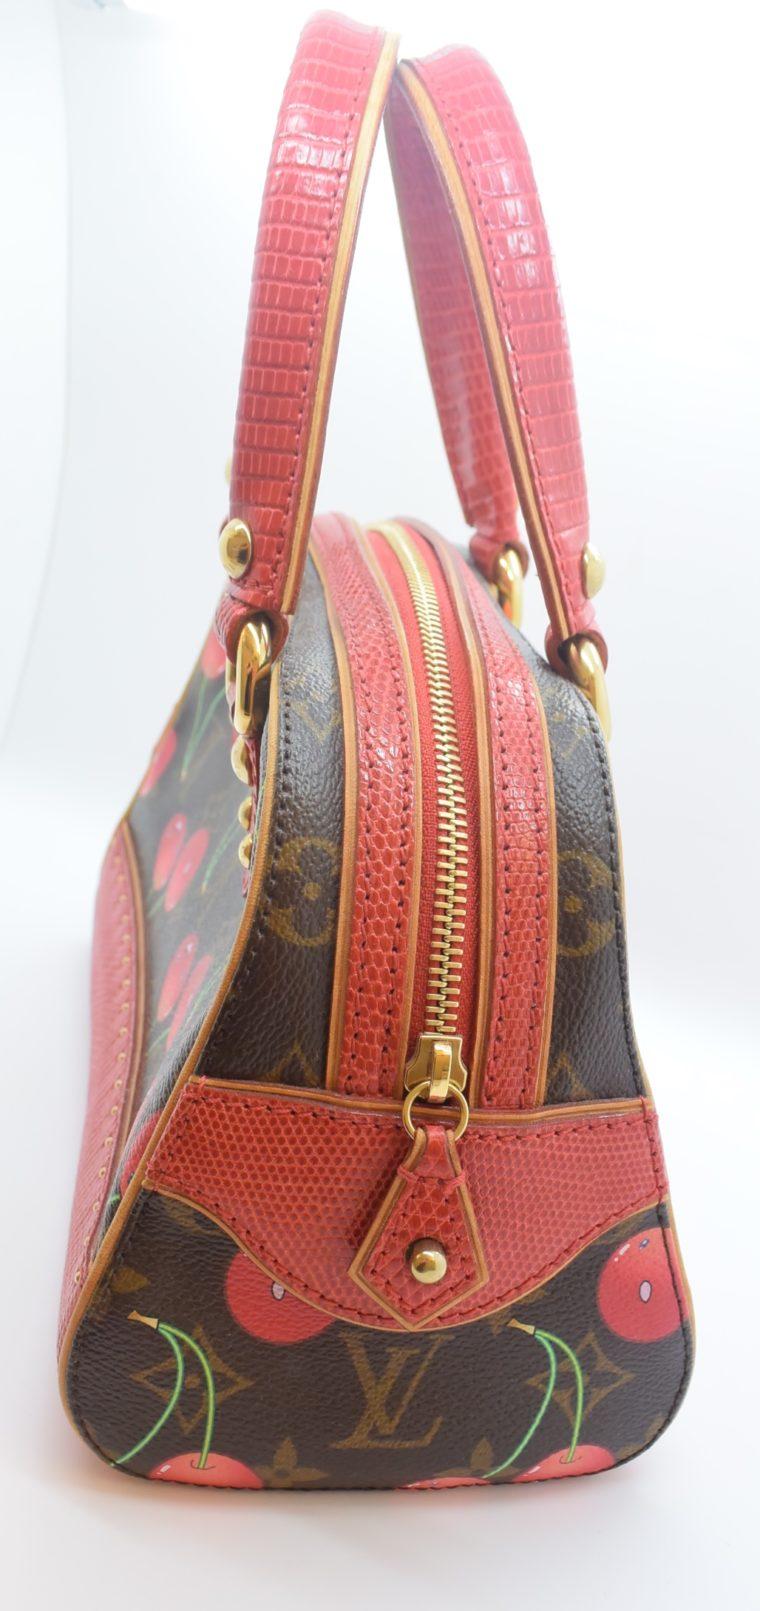 Louis Vuitton Sac Femior Eidechsenleder Cerise -11628